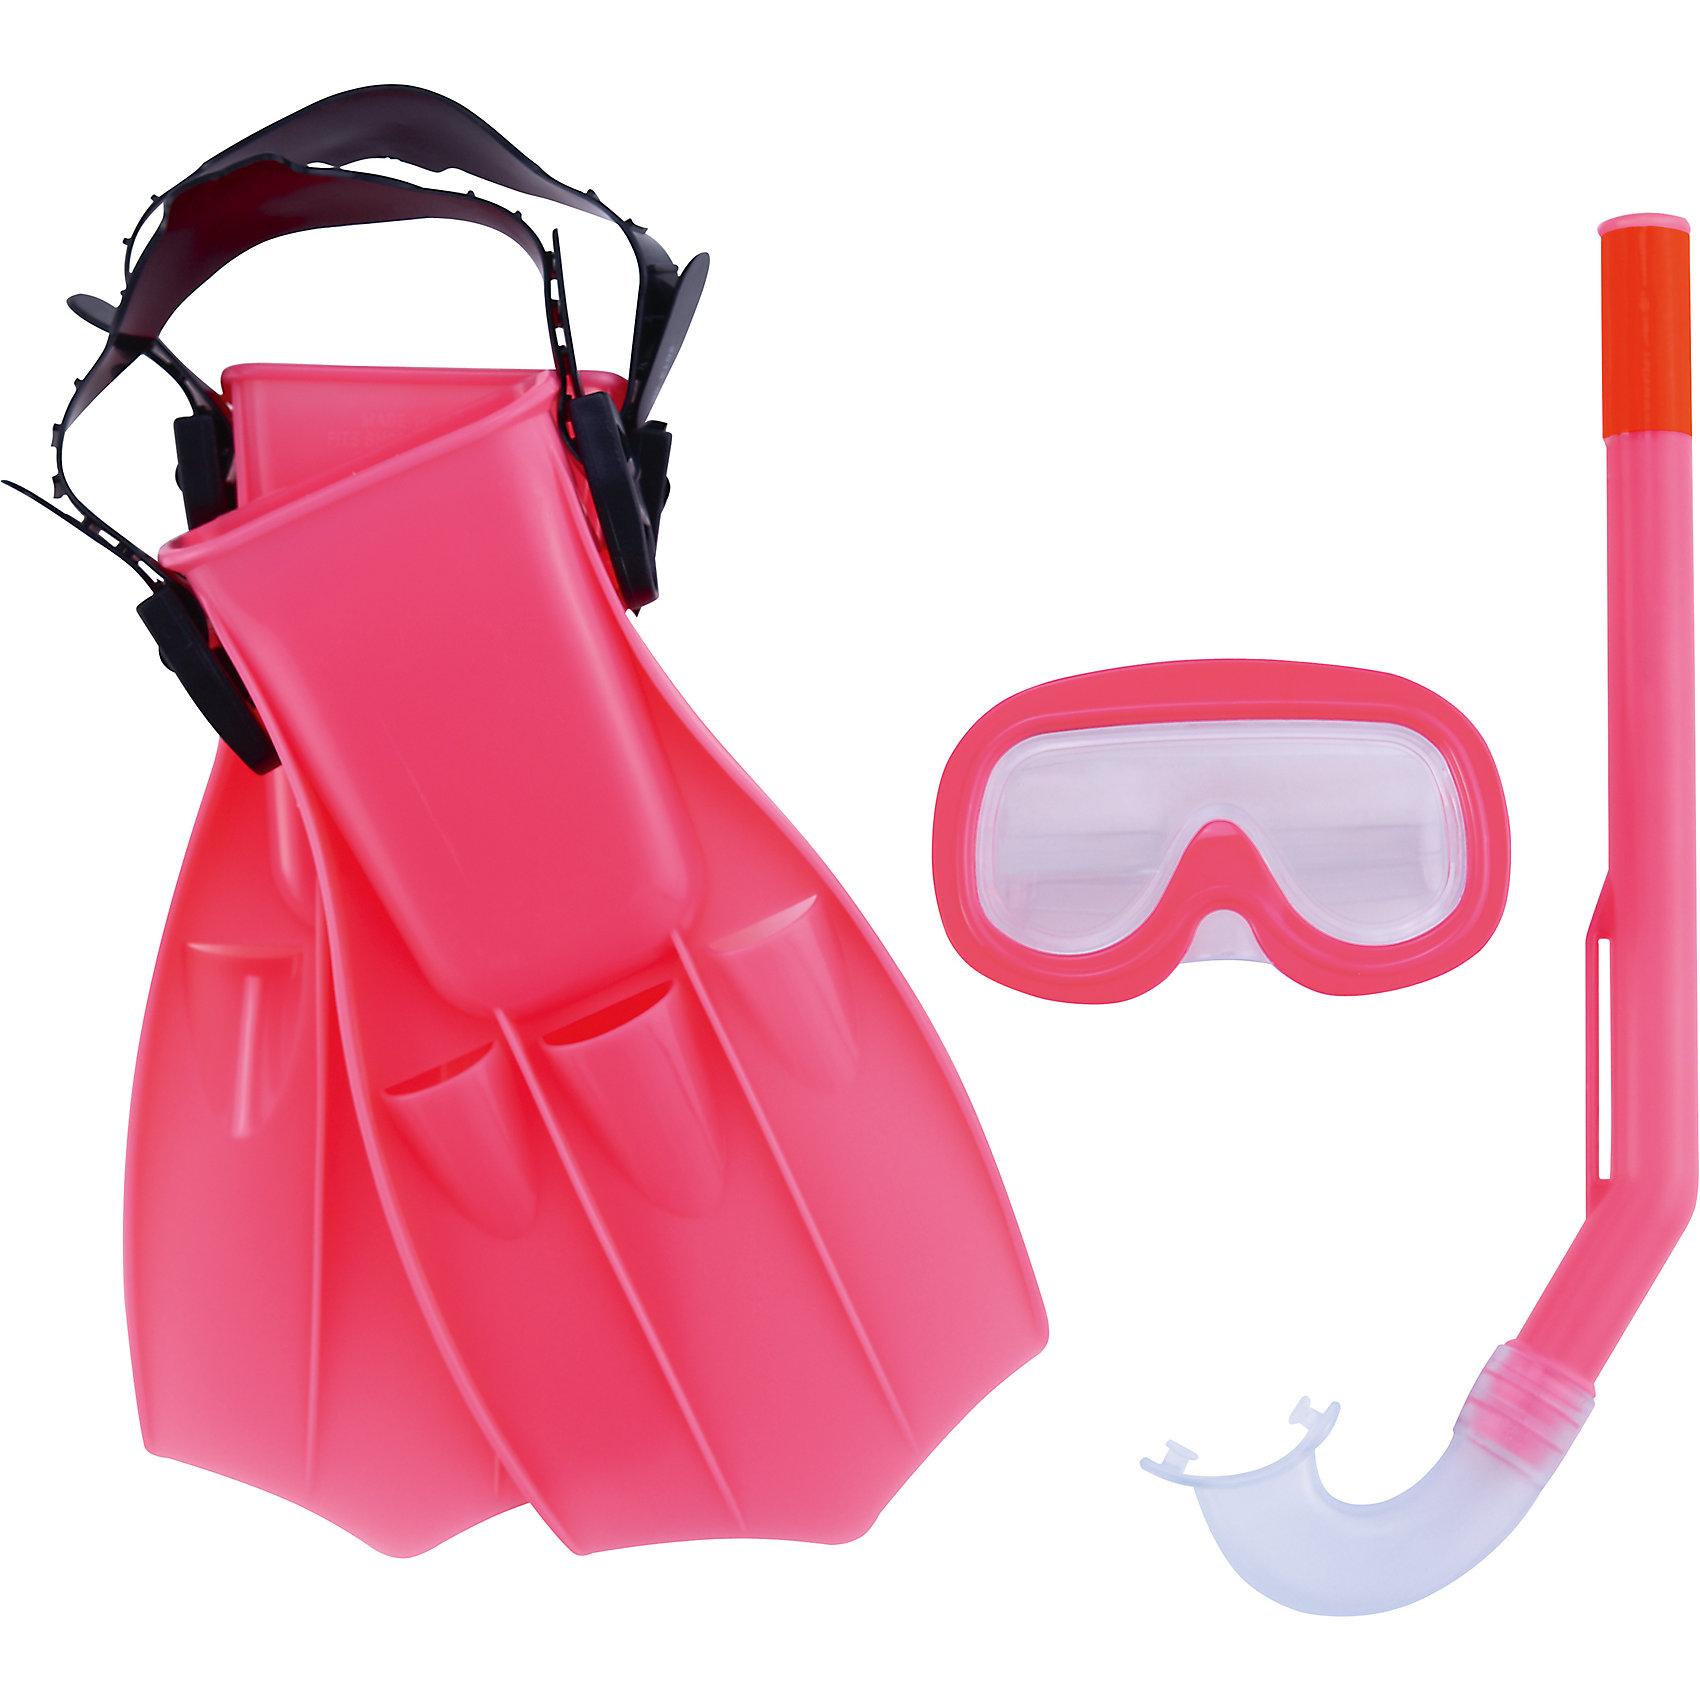 Набор для ныряния Play Pro детский, Bestway, розовыйДетский набор для ныряния Play Pro, Bestway - отличный вариант для активного отдыха и увлекательных исследований подводного мира. Маска оснащена линзами из поликарбоната с широким обзором без искажений, плотно прилегает к лицу и надёжно фиксируется регулируемым ремешком. Пластиковая трубка с мягким загубником и регулируемым фиксатором ремешка трубки позволяет оставаться под водой на протяжении длительного времени. Ласты для плавания улучшают положение тела в воде, увеличивают скорость, силу ног и гибкость суставов. Ласты фиксируются с помощью крепёжного ремешка на пятке, который позволяет регулировать размер от 34 до 38. Набор для ныряния Play Pro детский, Bestway, можно купить в нашем интернет-магазине.<br><br>В комплект входит:<br>- маска для ныряния<br>- трубка <br>- ласты<br><br>Дополнительная информация: <br> - Материал: поликарбонат, пластик, резина/латекс<br> - Длина трубки: 37 см<br> - Размер упаковки: 45 х 10 х 22 см<br> - Вес: 0,54 кг.  <br> - Возраст: от 3 до 6 лет<br> - Цвет: розовый<br>- Бренд: Bestway<br><br>Ширина мм: 2250<br>Глубина мм: 4350<br>Высота мм: 1000<br>Вес г: 540<br>Возраст от месяцев: 36<br>Возраст до месяцев: 120<br>Пол: Унисекс<br>Возраст: Детский<br>SKU: 4828544